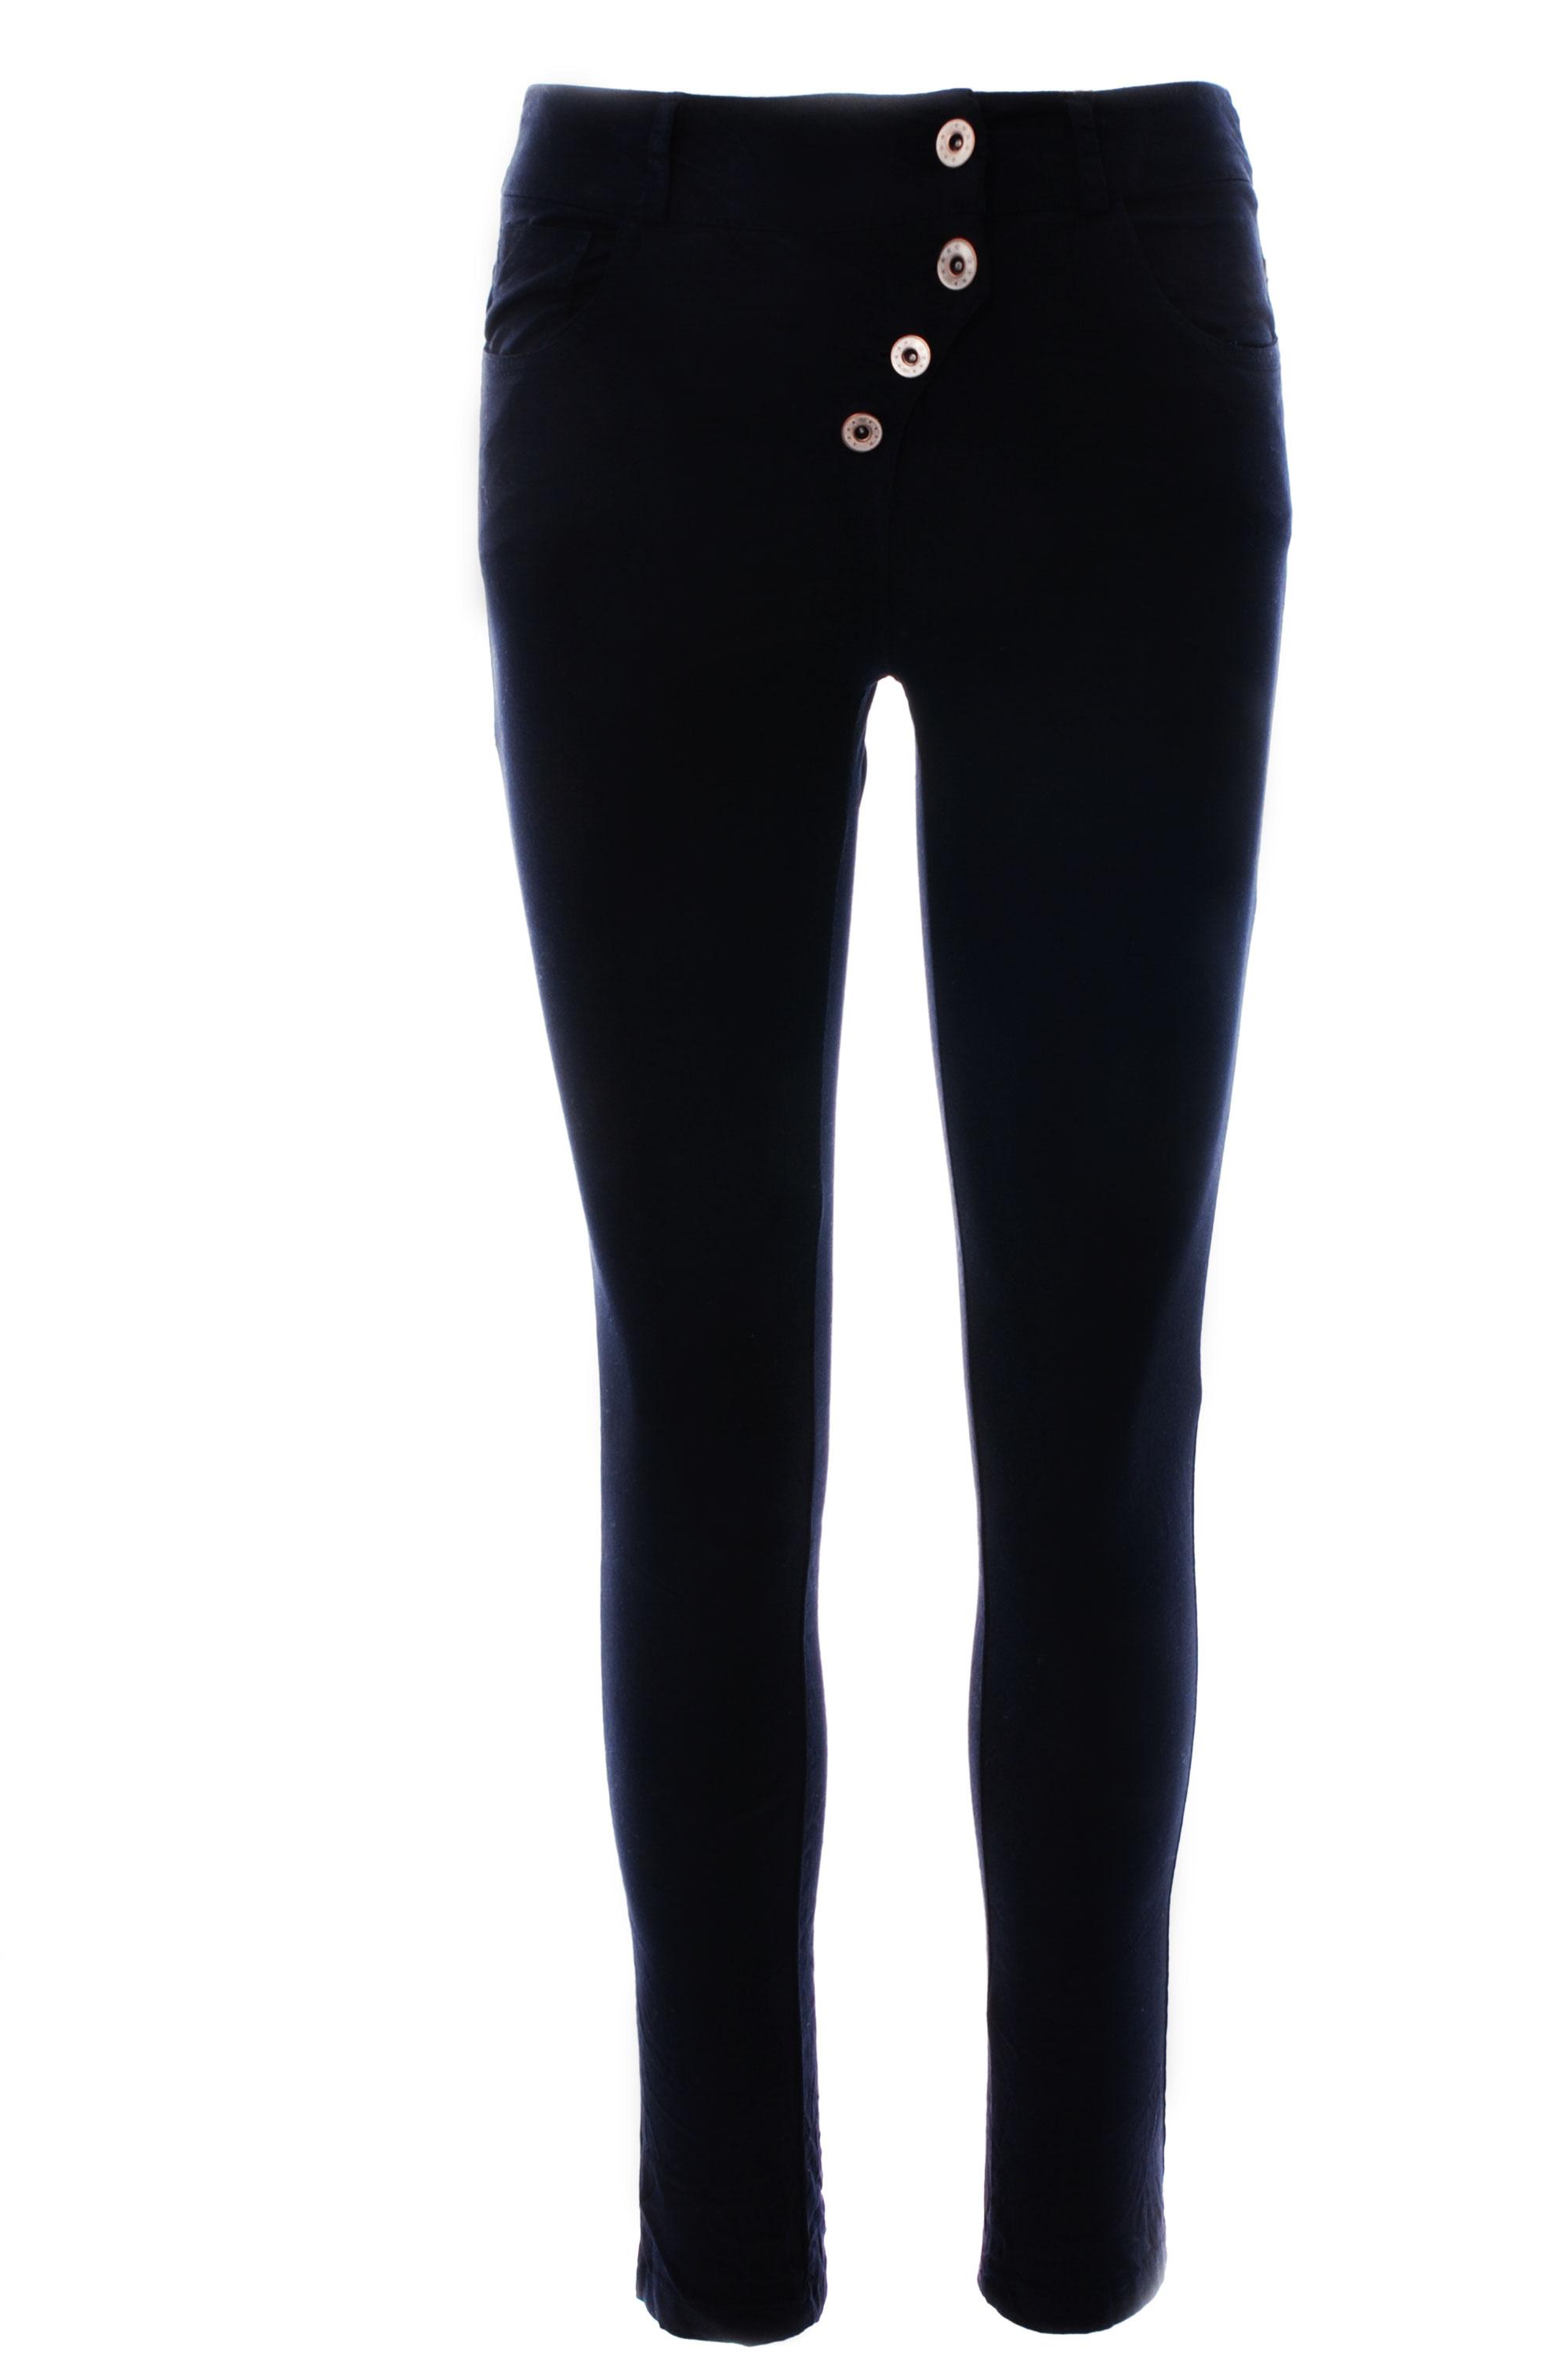 Spodnie - 10-2841 BL SC - Unisono